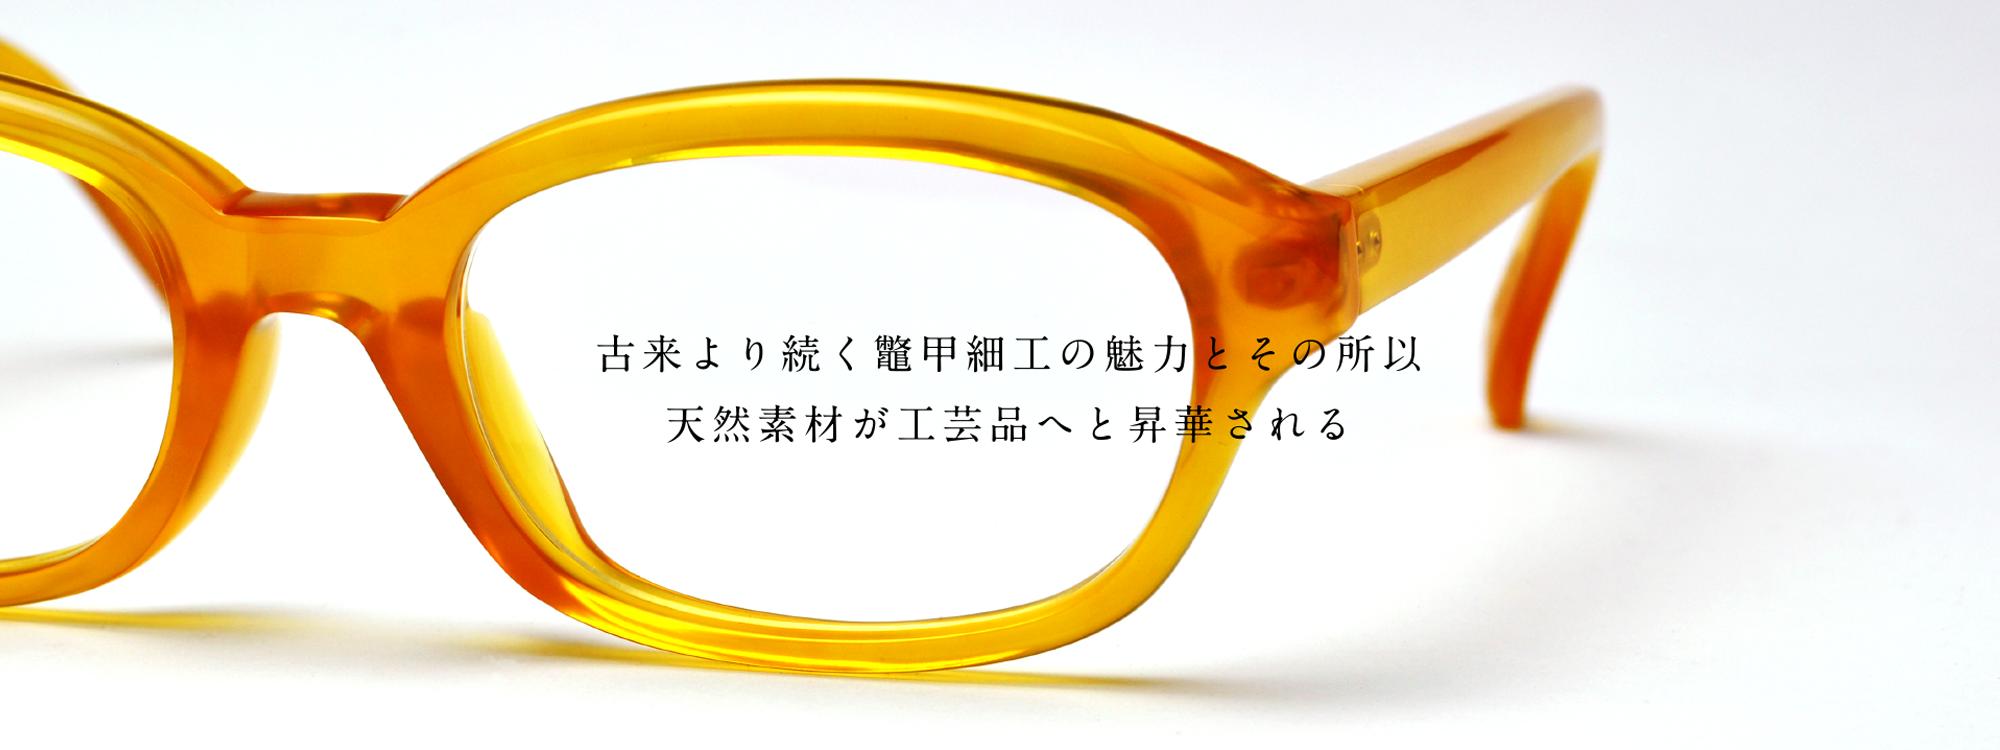 古来より続く鼈甲細工の魅力とその所以 天然素材が工芸品へと昇華される